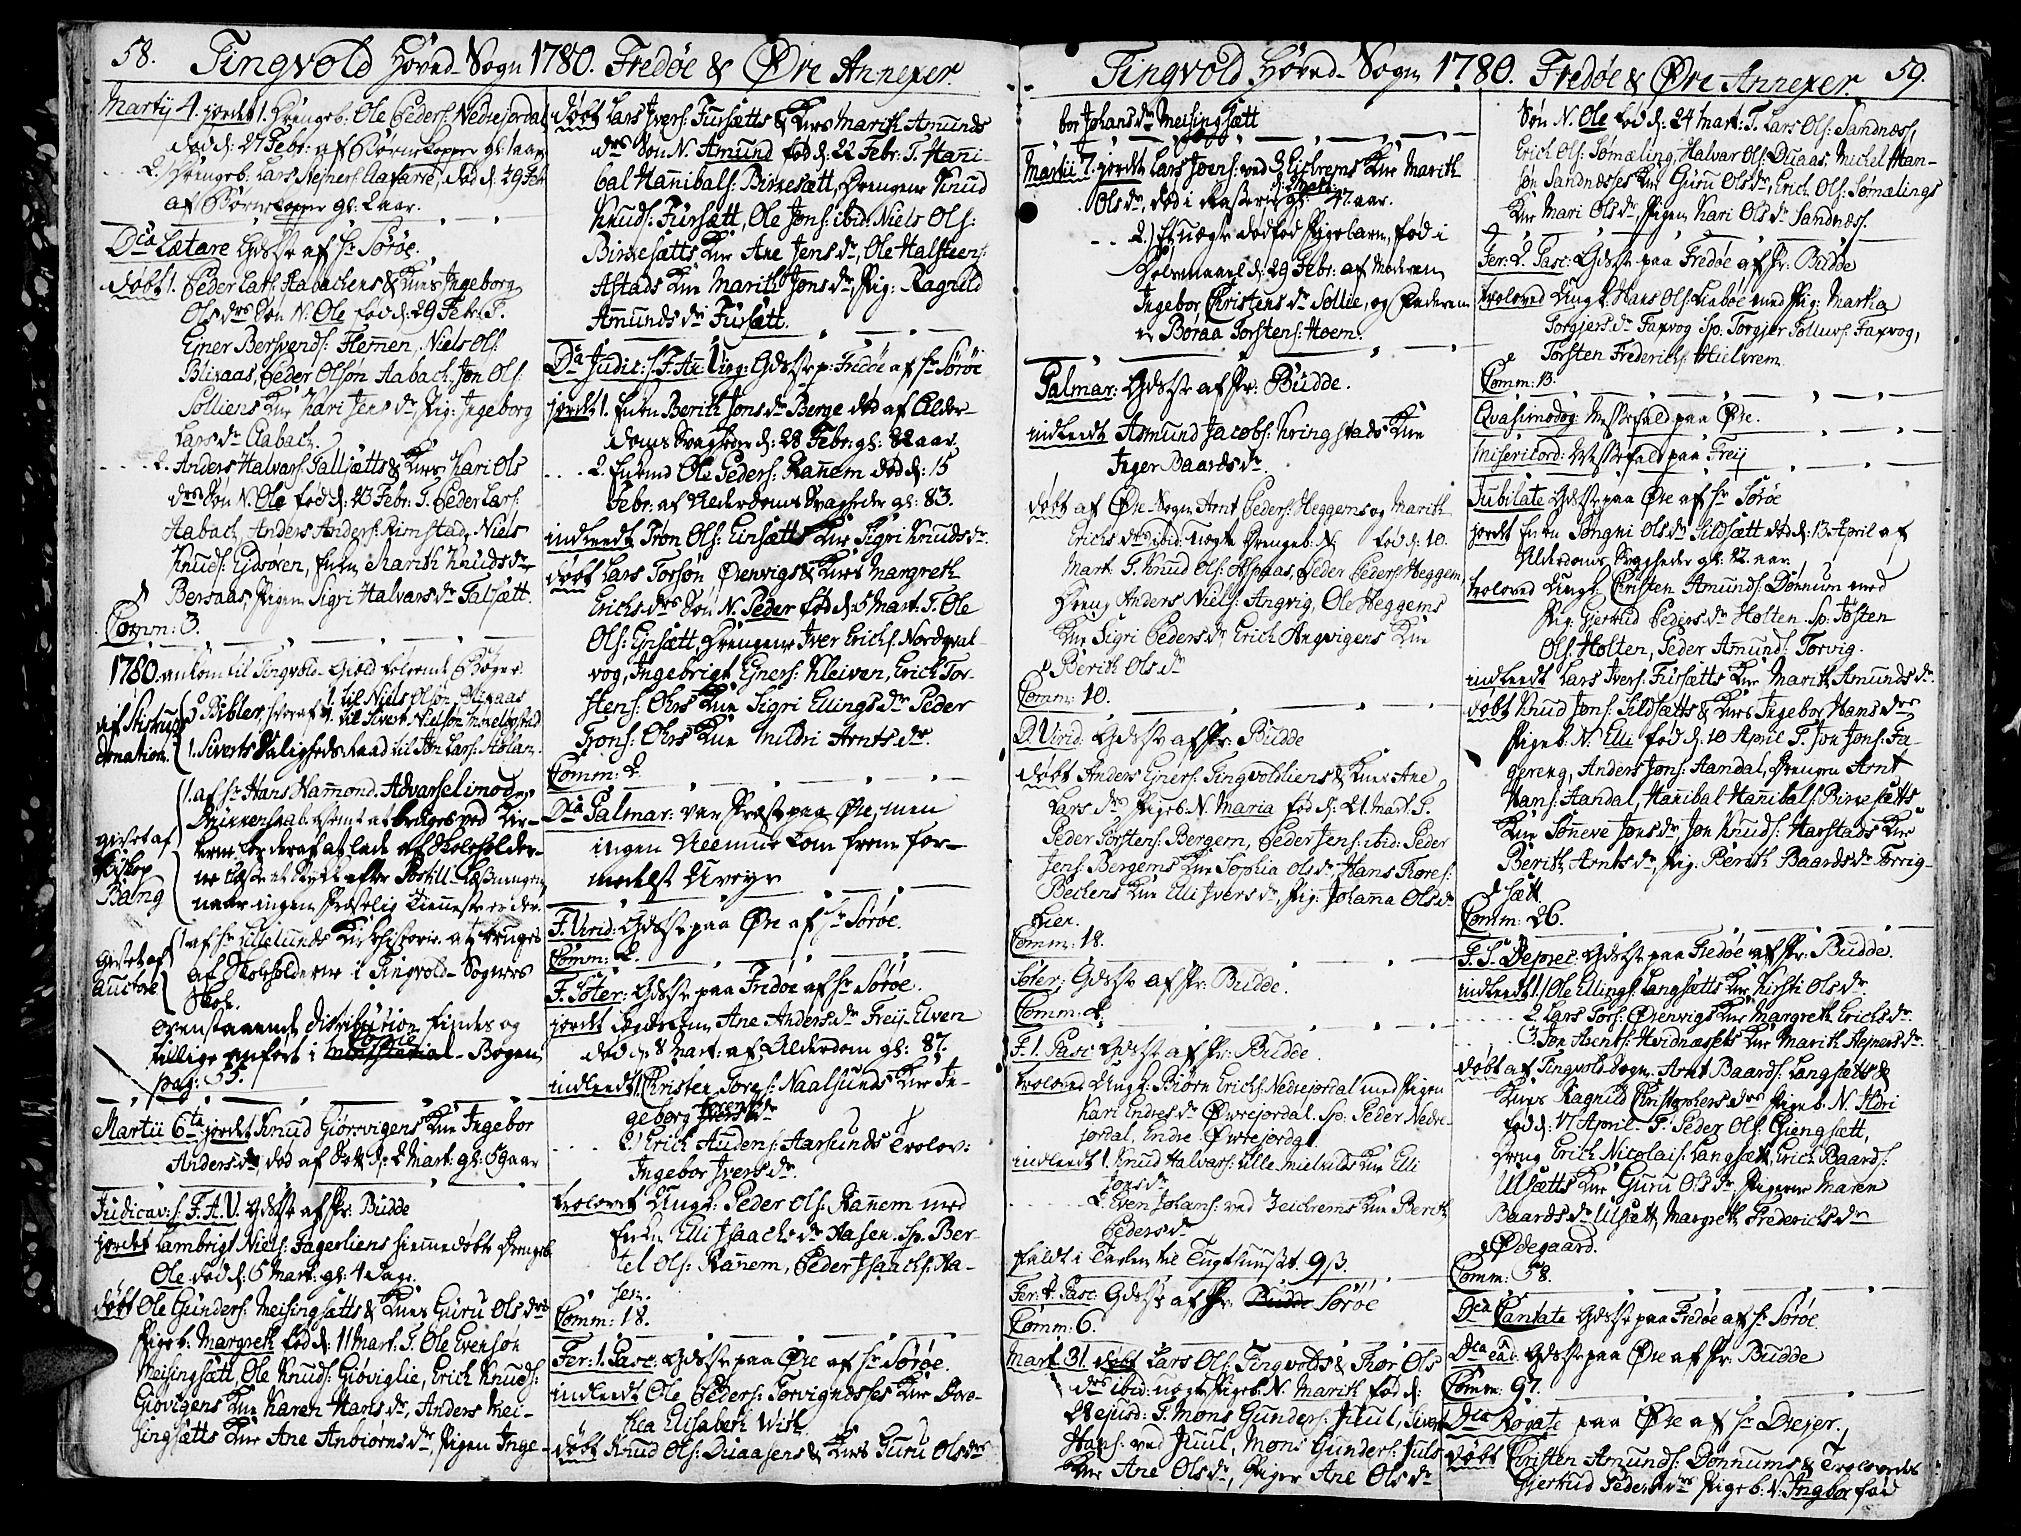 SAT, Ministerialprotokoller, klokkerbøker og fødselsregistre - Møre og Romsdal, 586/L0980: Ministerialbok nr. 586A06, 1776-1794, s. 58-59